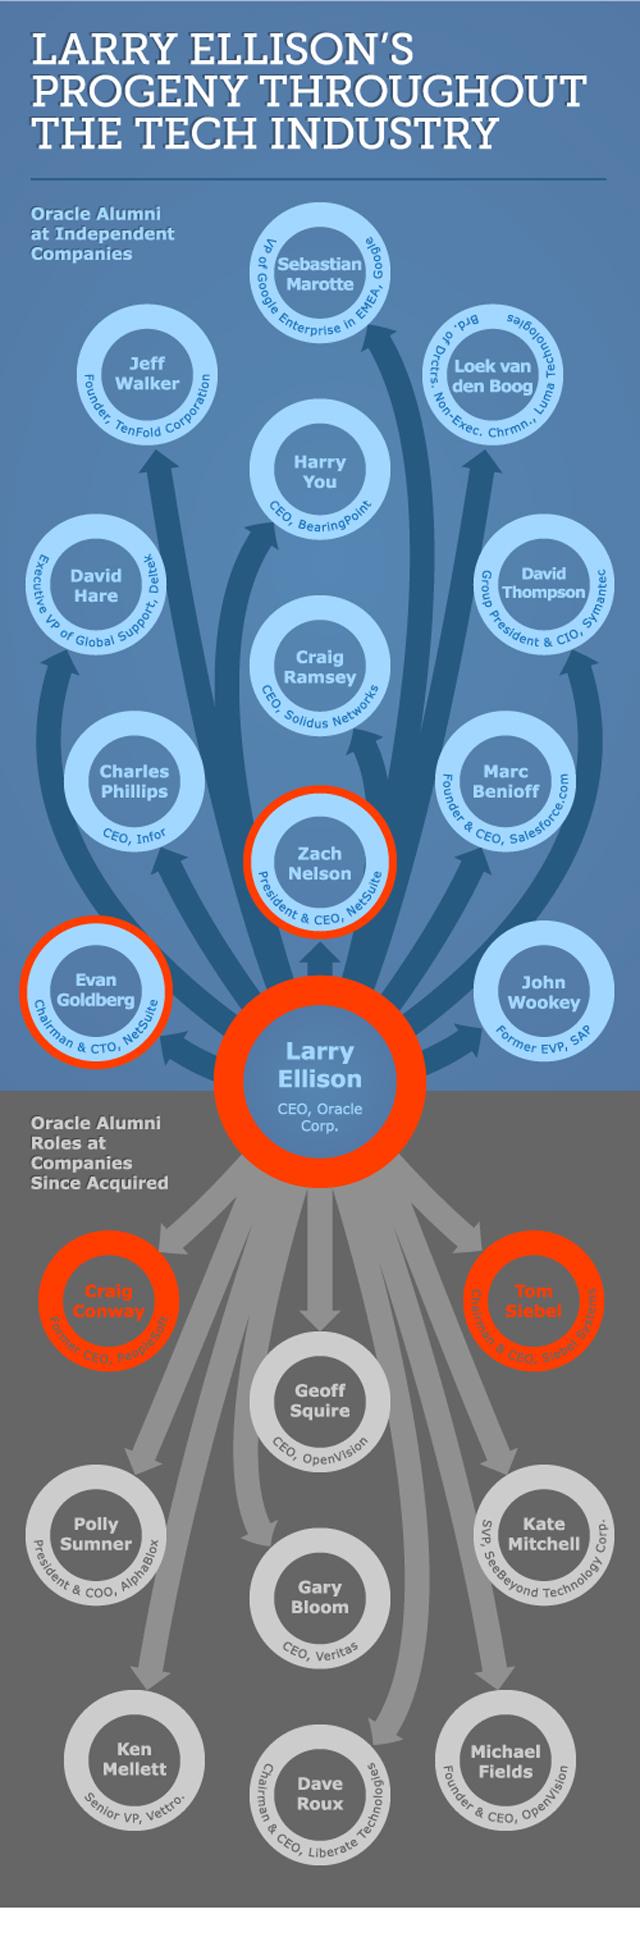 Larry Ellison's offspring